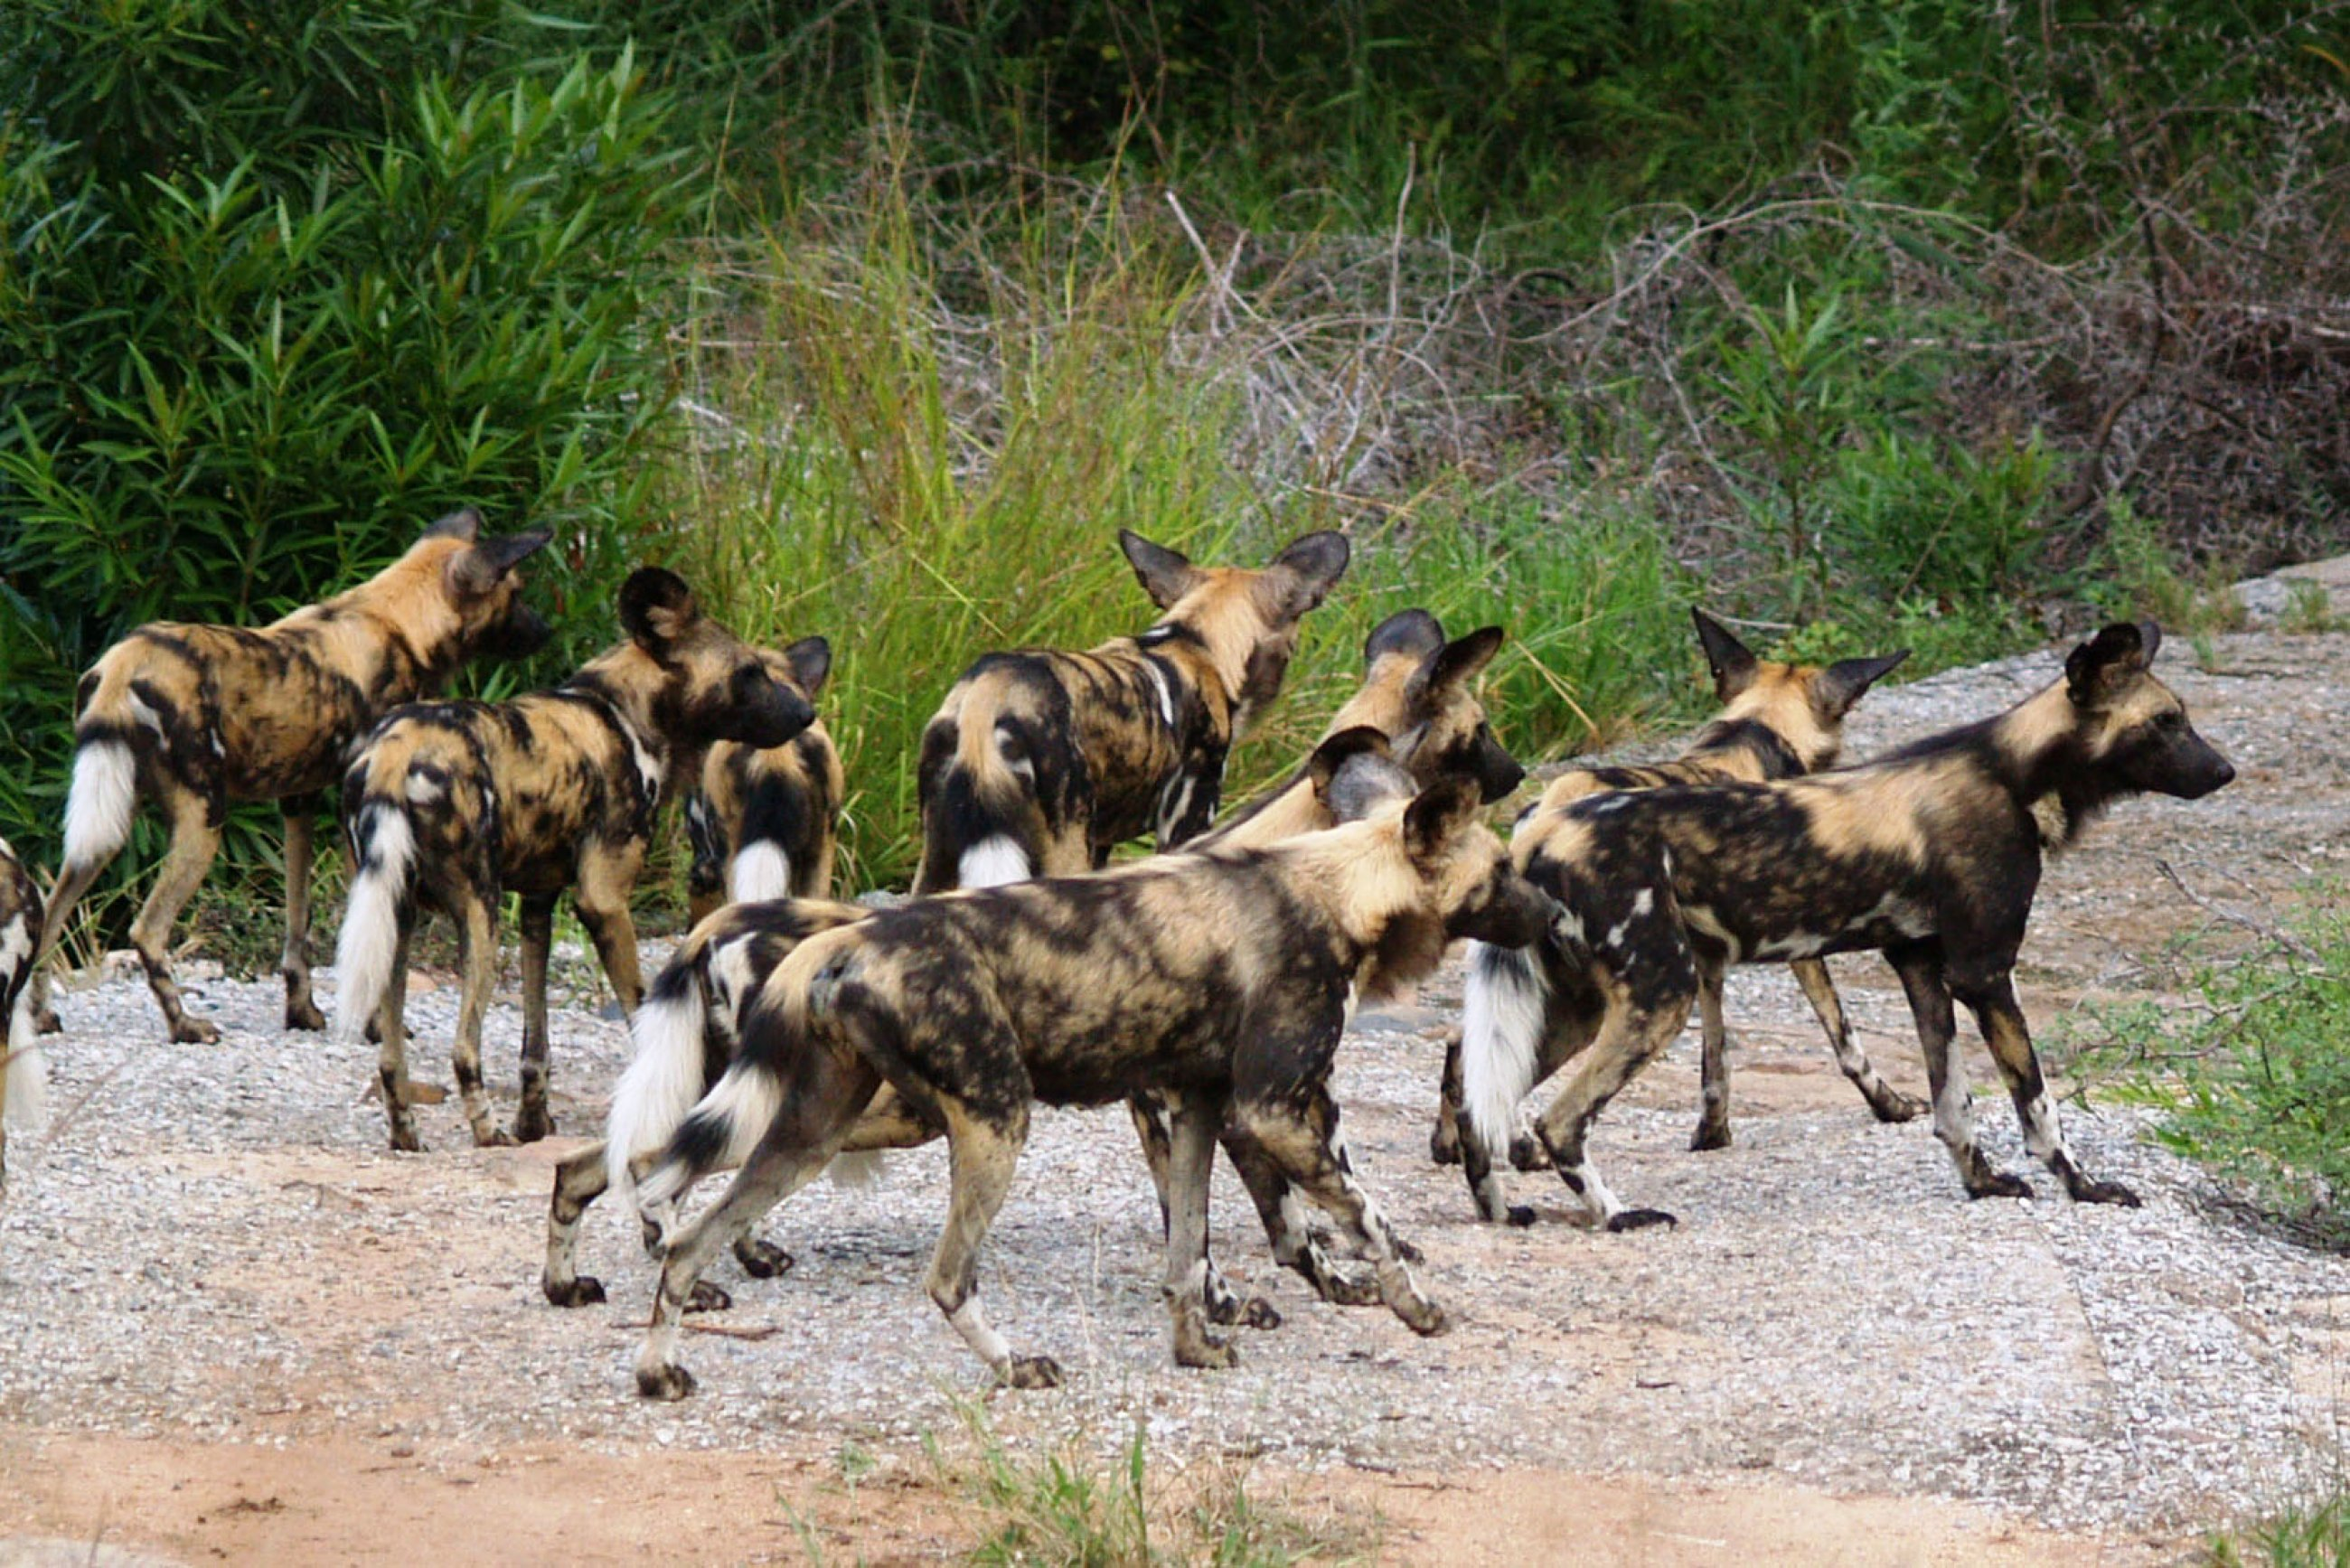 https://bubo.sk/uploads/galleries/7483/wild-dog-kruger-national-park-south-africa.jpg